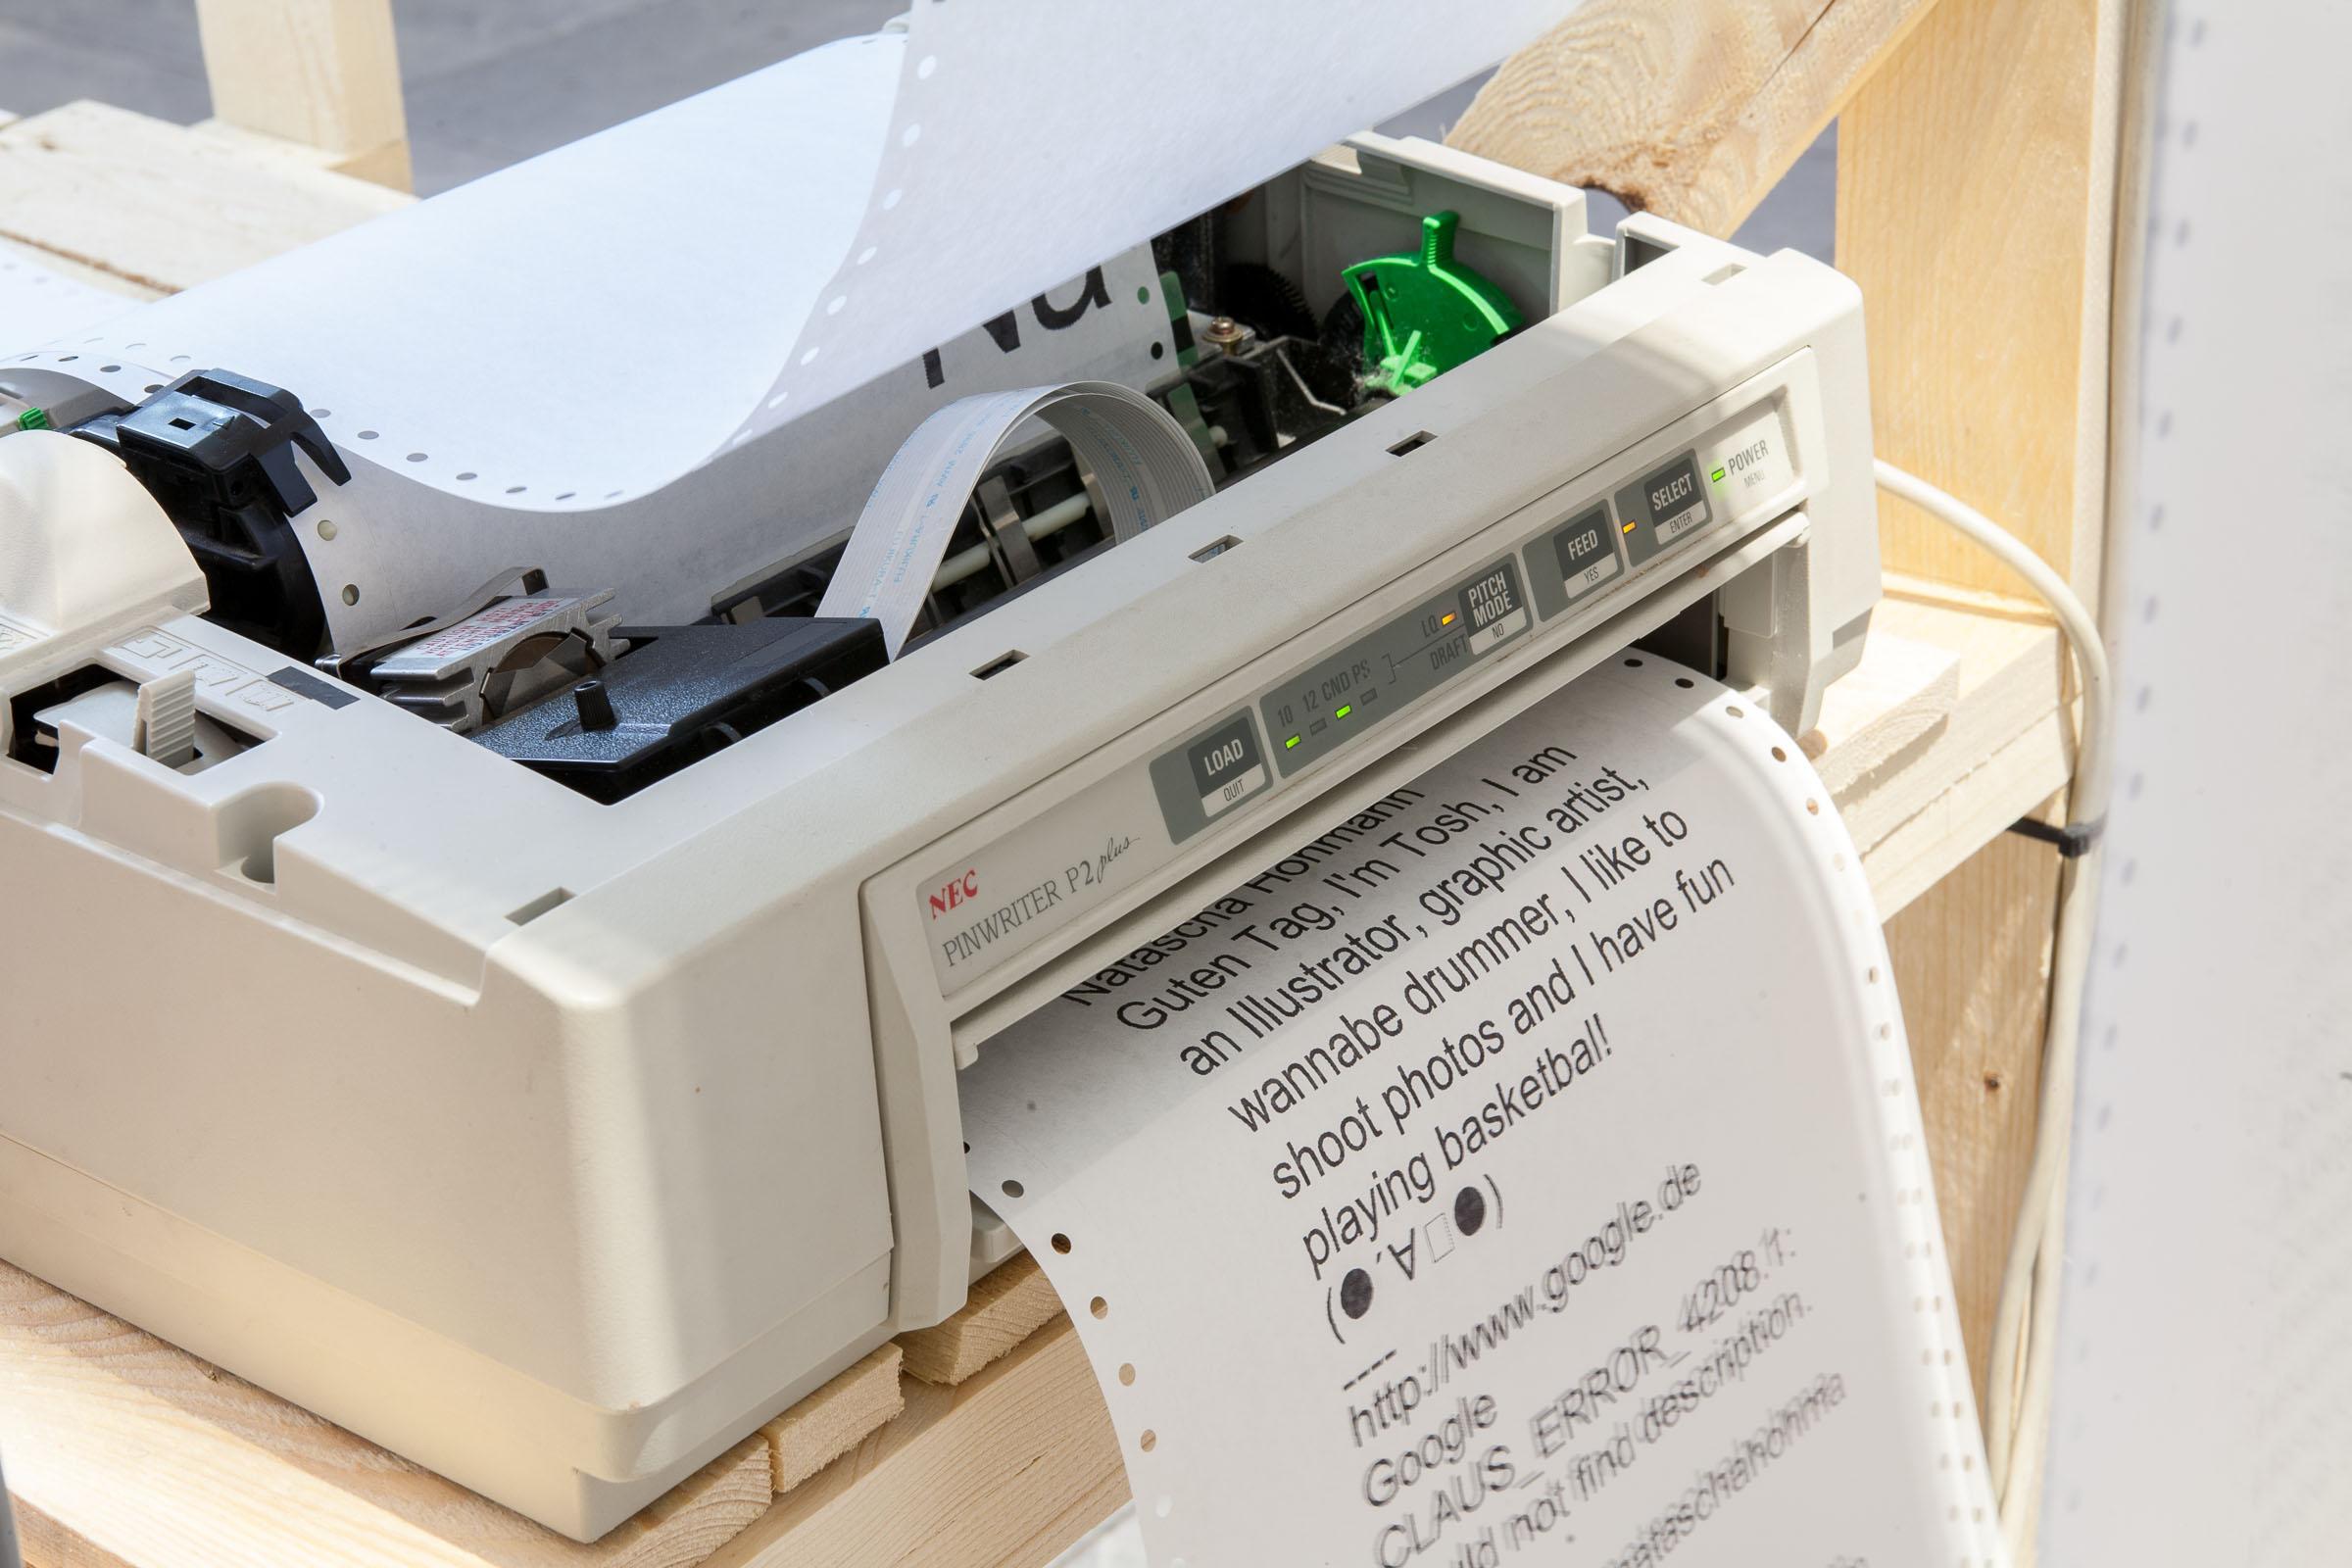 CLAUS™ partizipative Installation Nadeldrucker beim Ausdruck auf Endlospapier © Christian Weber – Büro für Gestaltung und Kommunikation